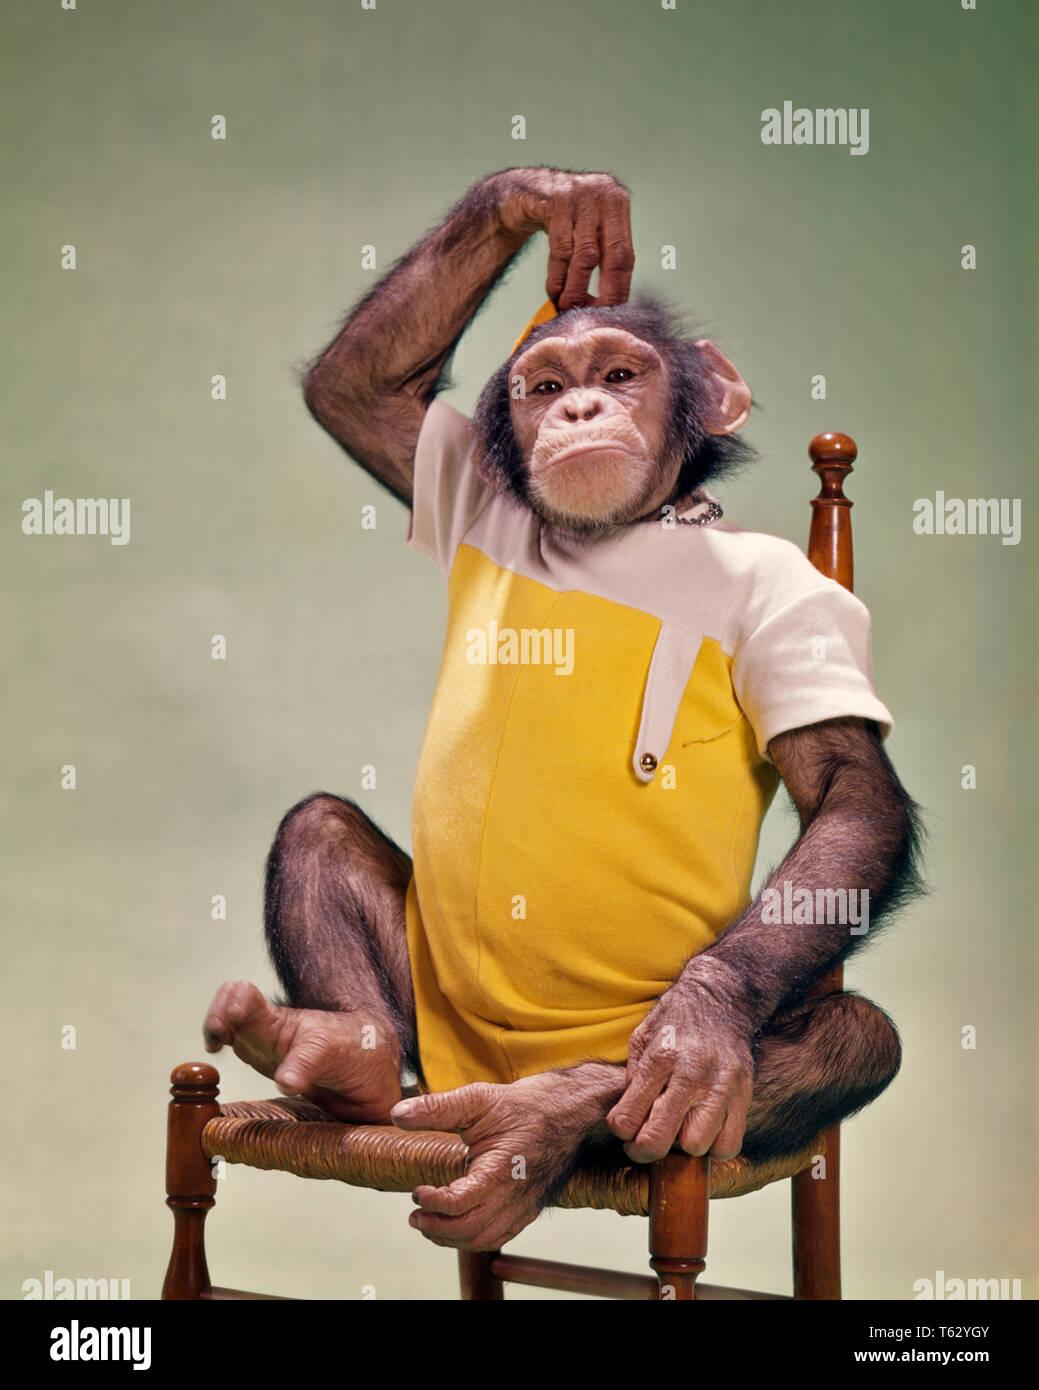 chimpanzee monkey clothes stock